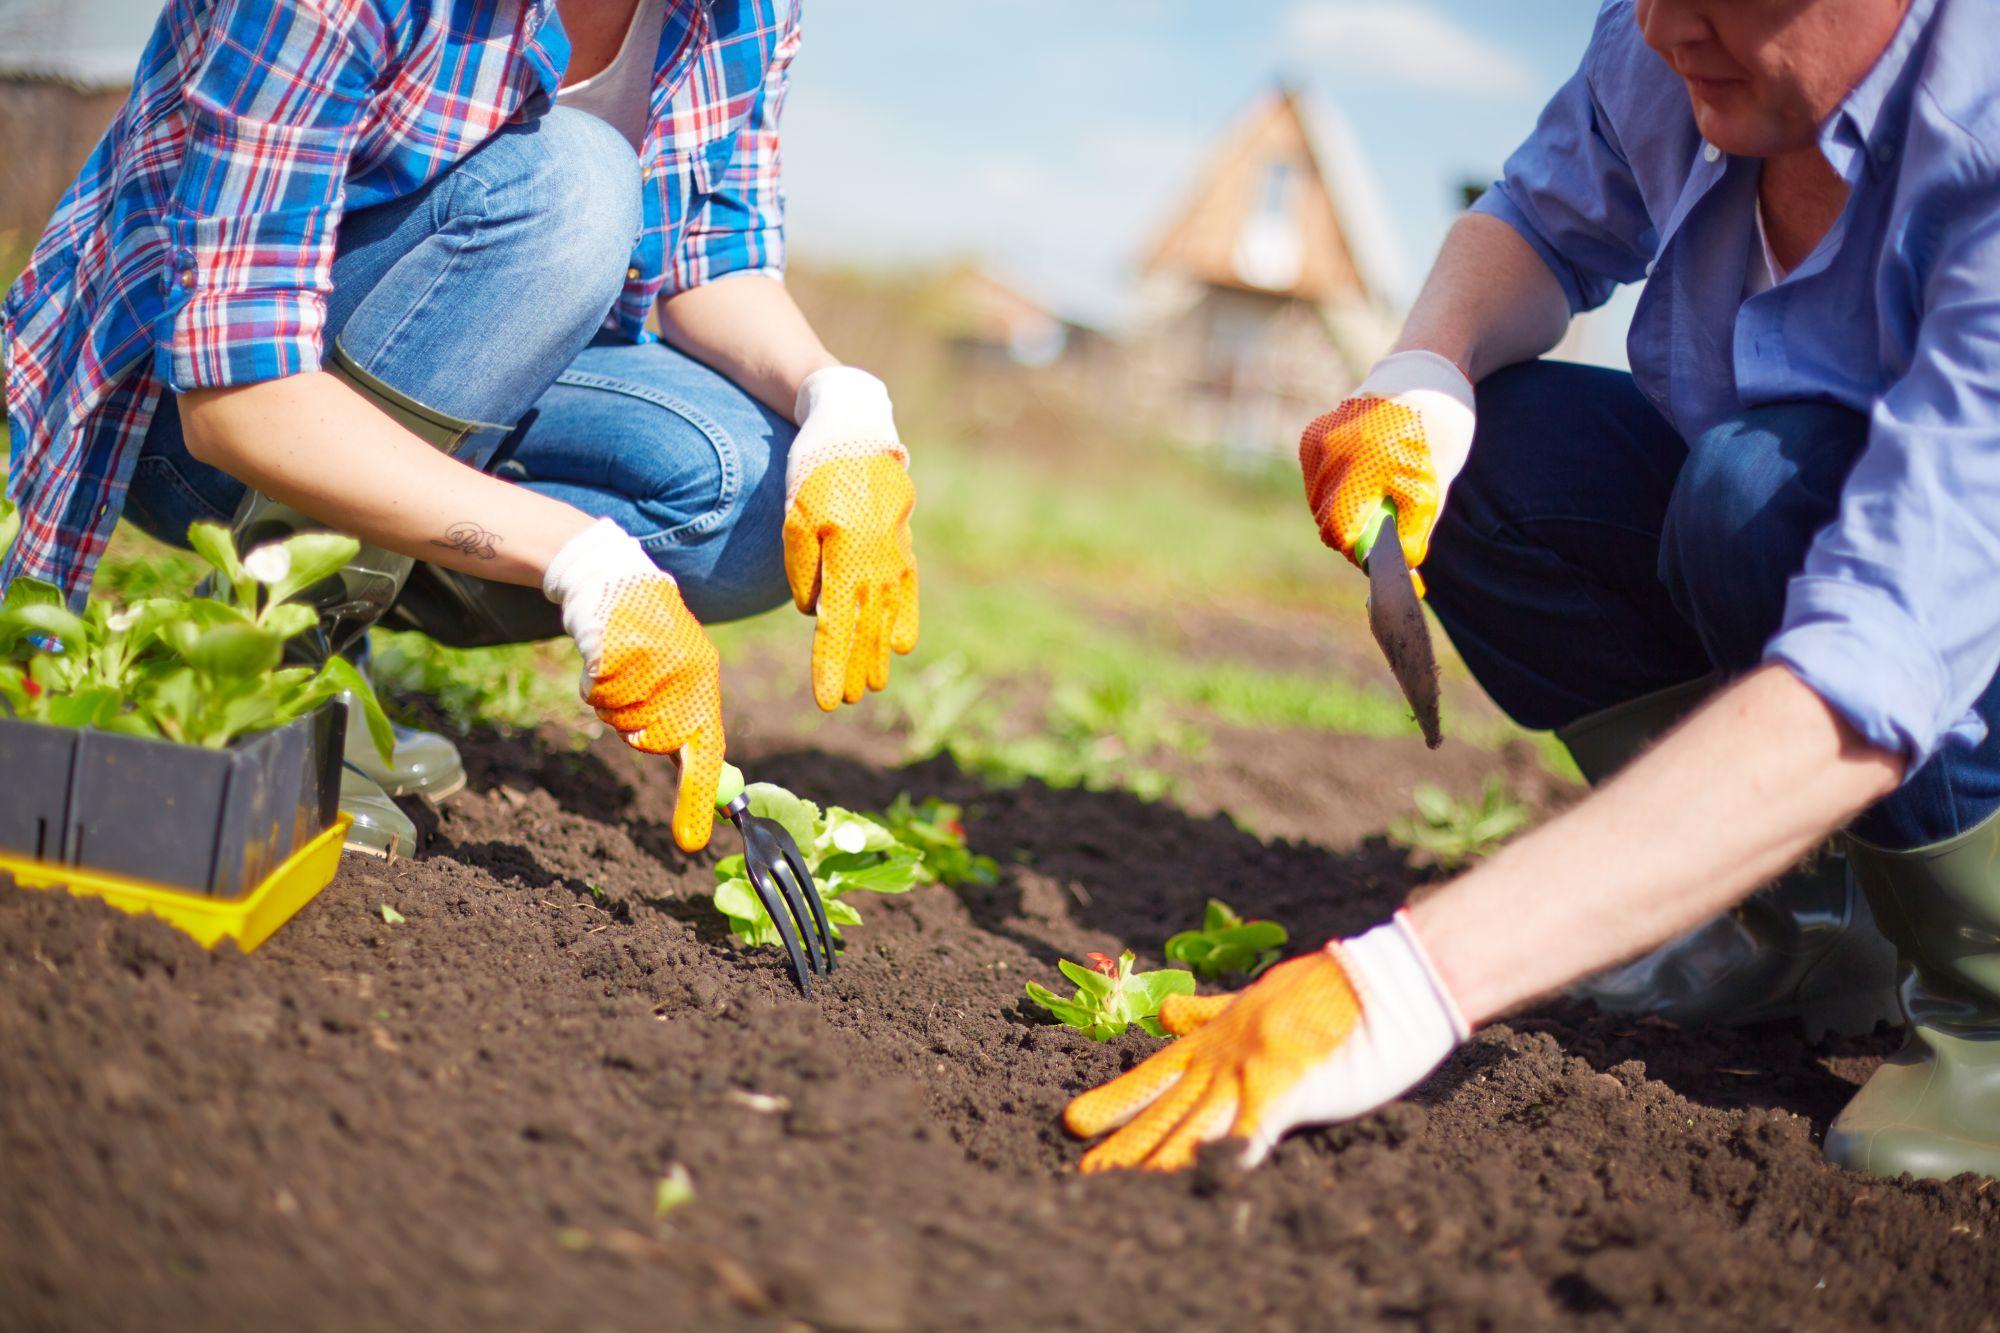 working-in-the-garden-PNBYEAX (1)